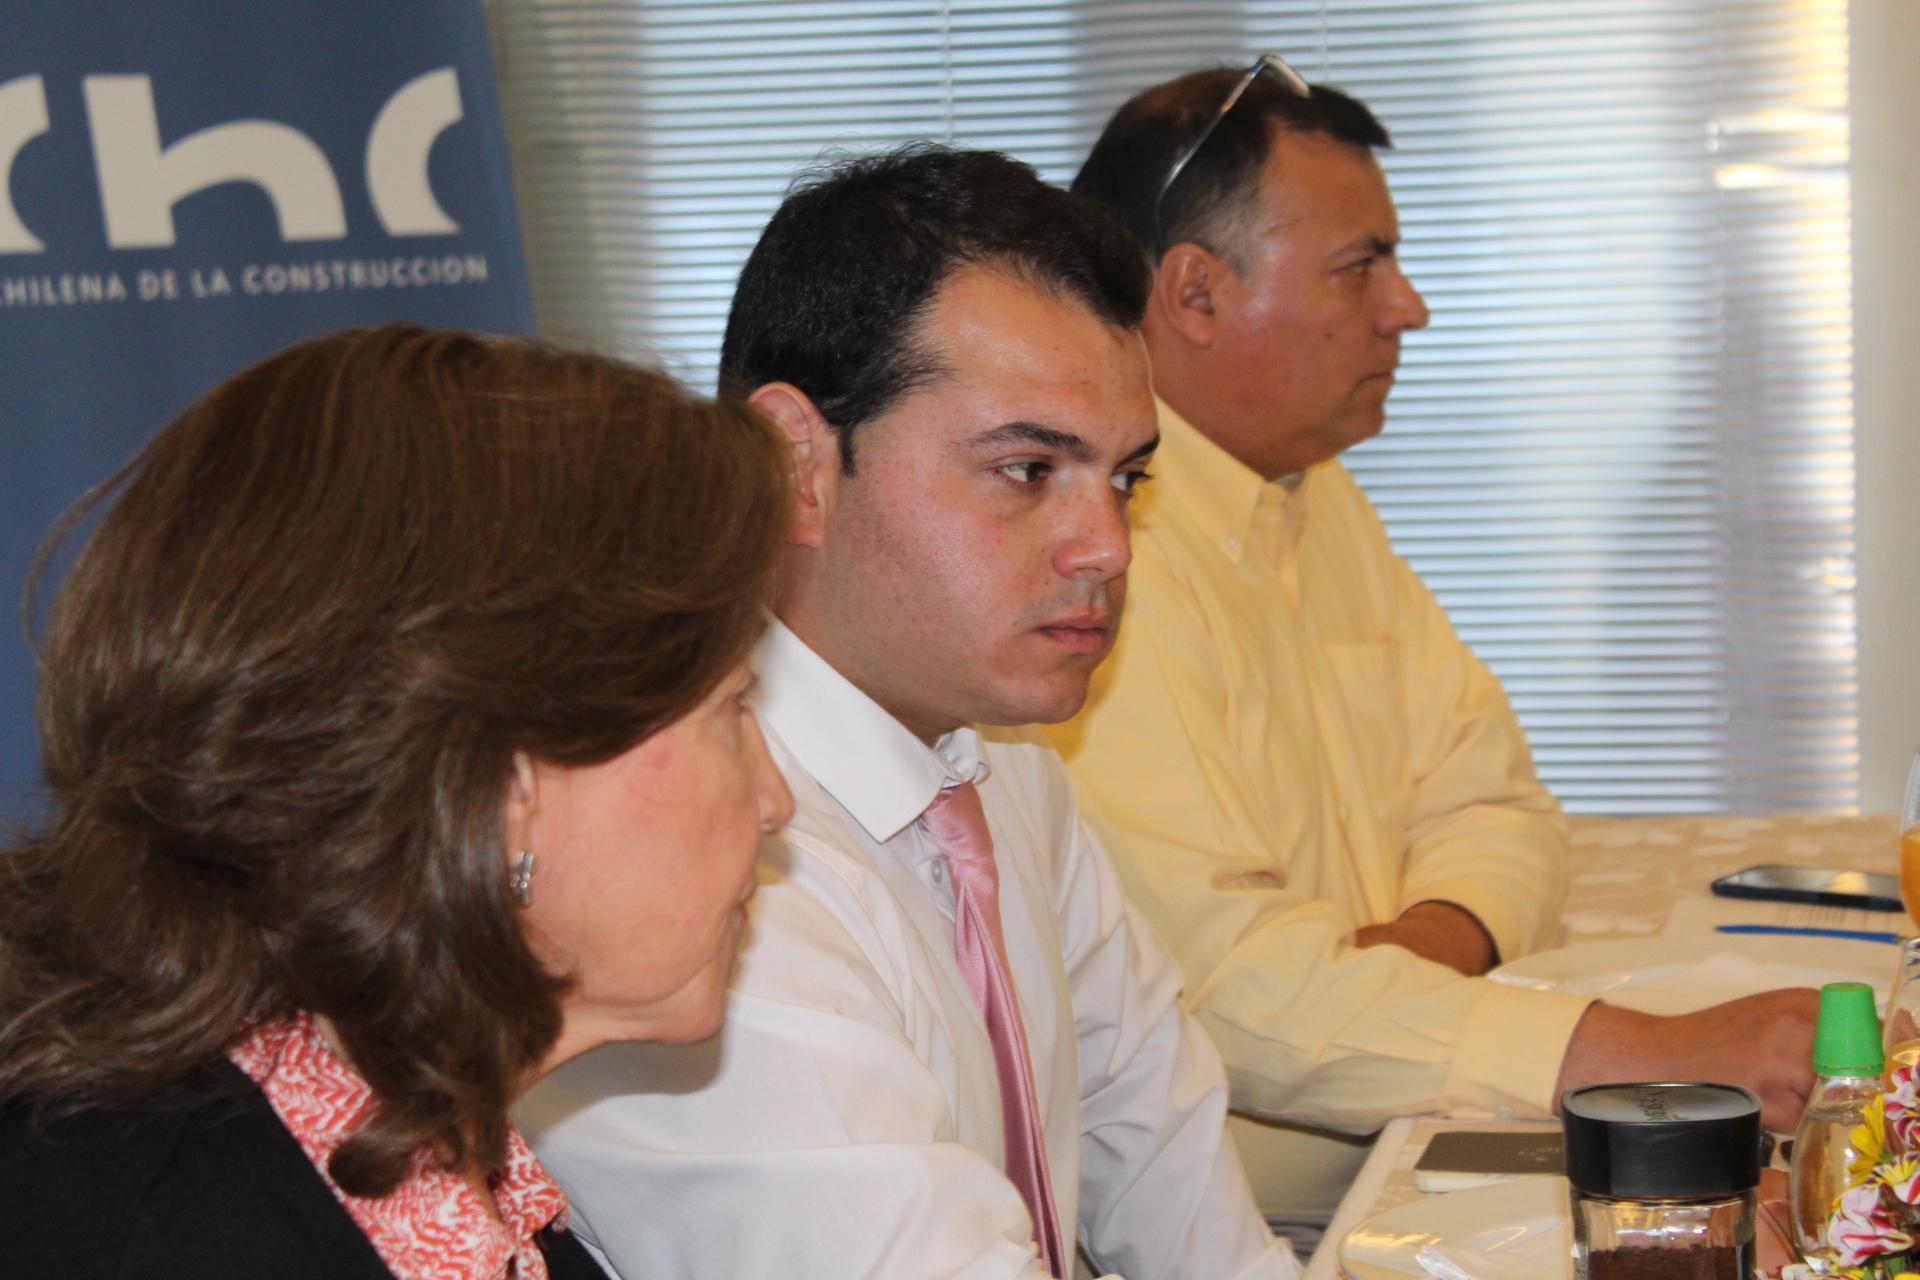 Seremi de Economía se reunió con socios de la CChC Chillán noticias